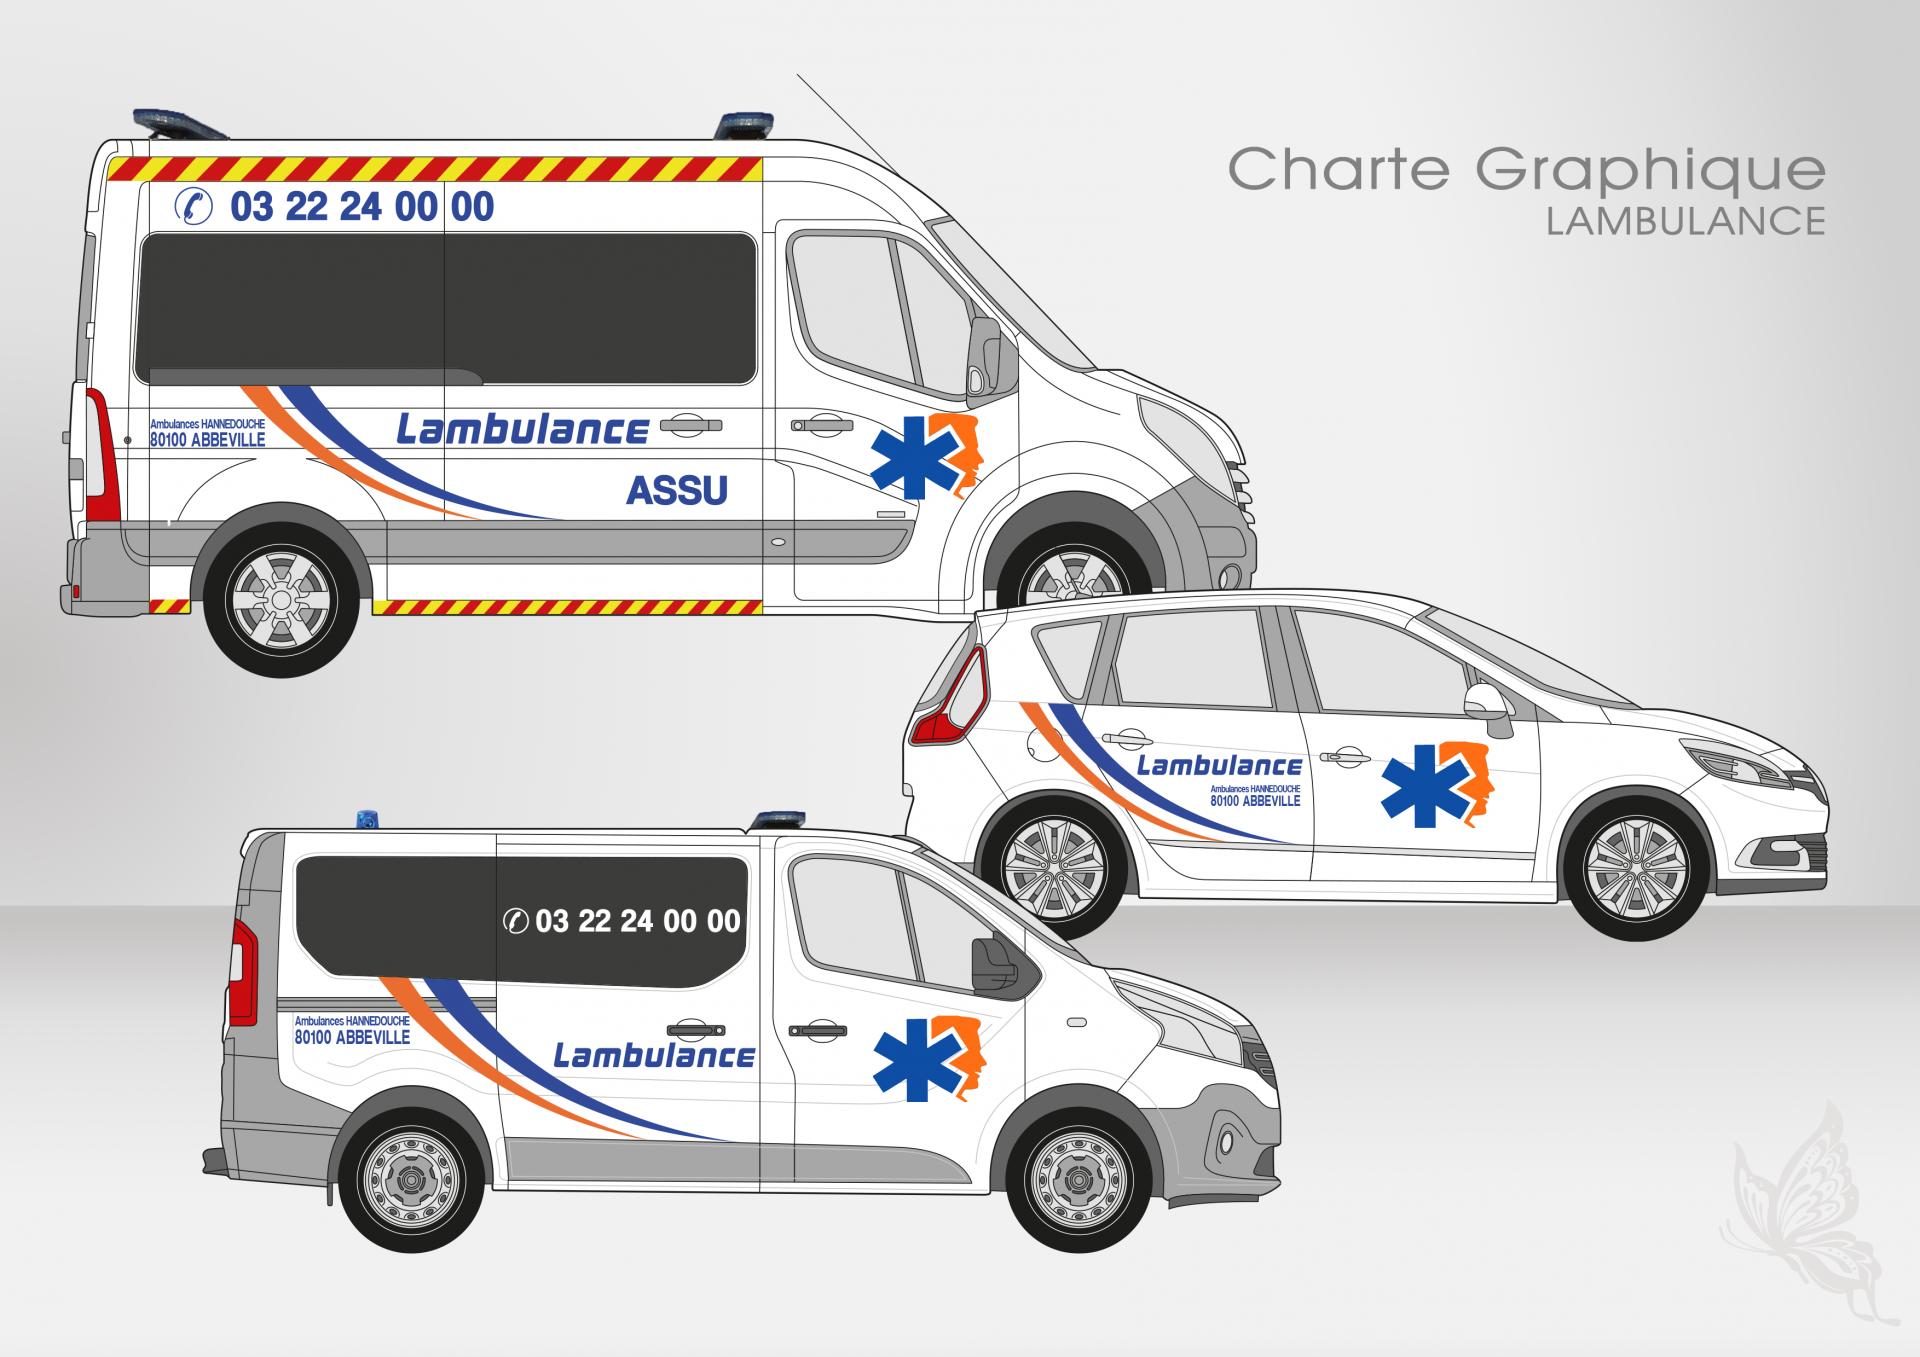 Créa.Com Agence de Publicité, charte graphique LAMBULANCE